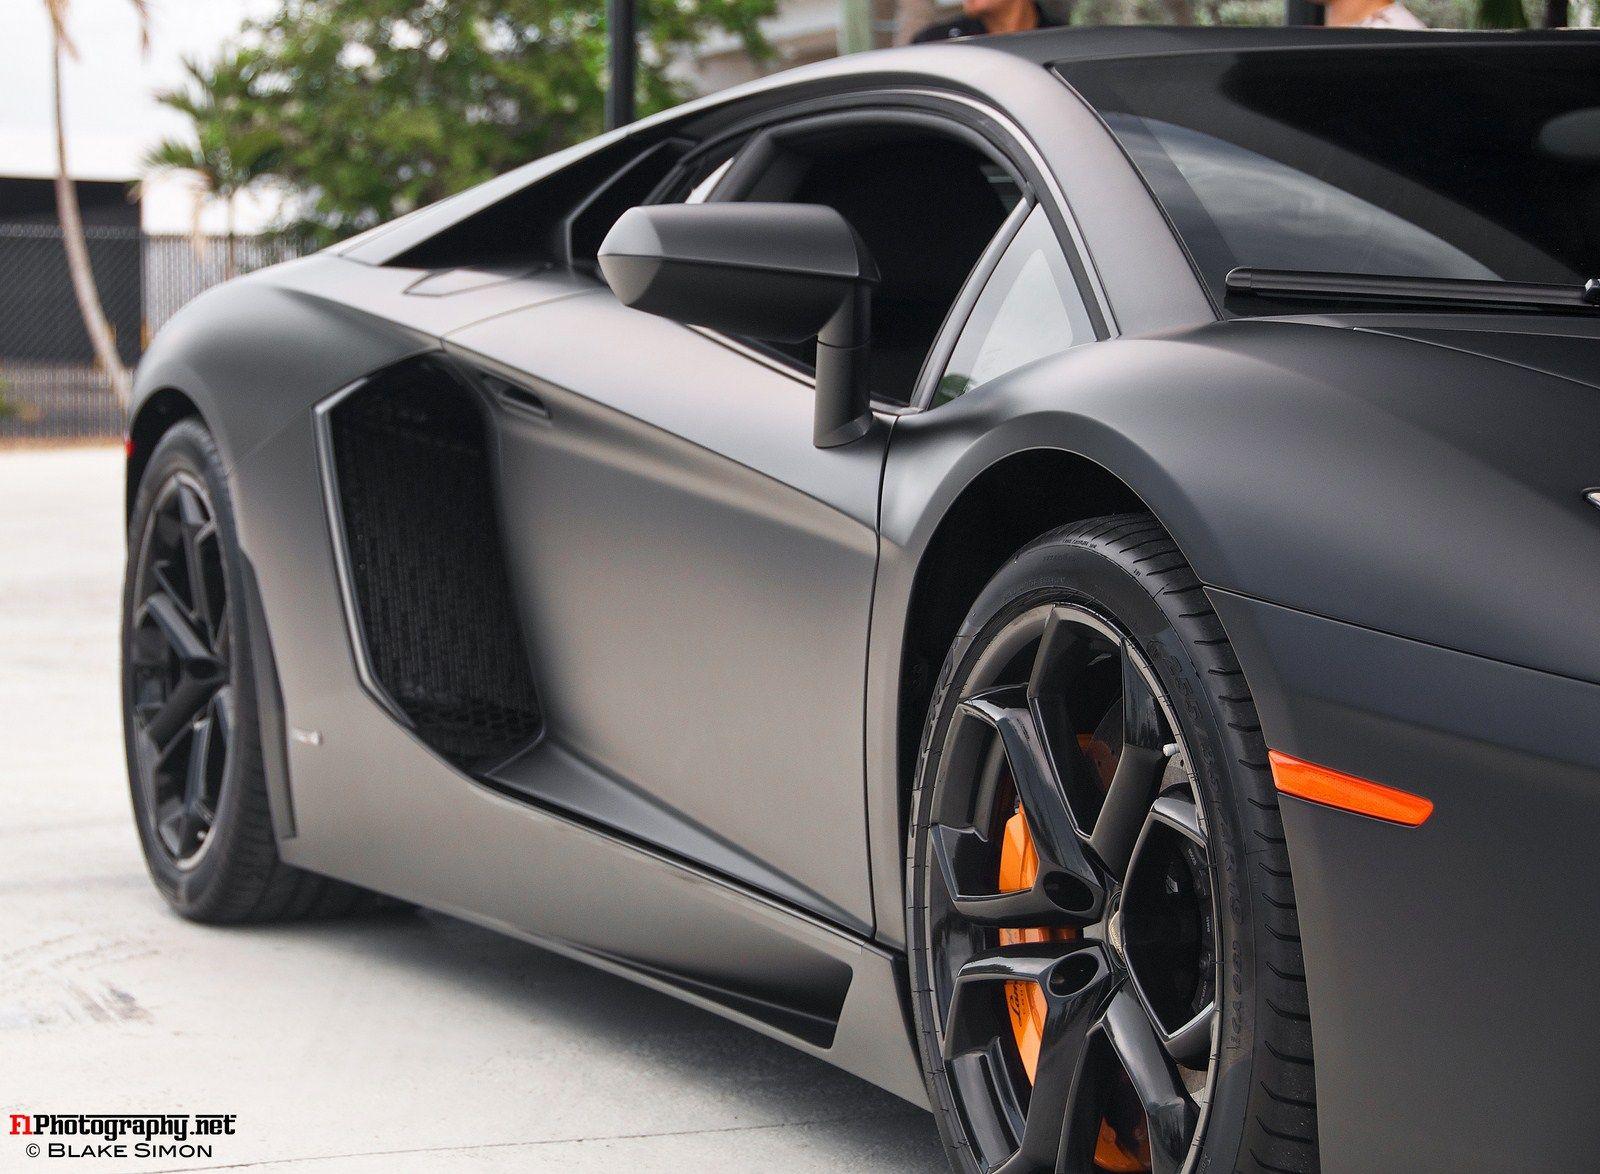 Lamborghini Aventador, Matte Black And